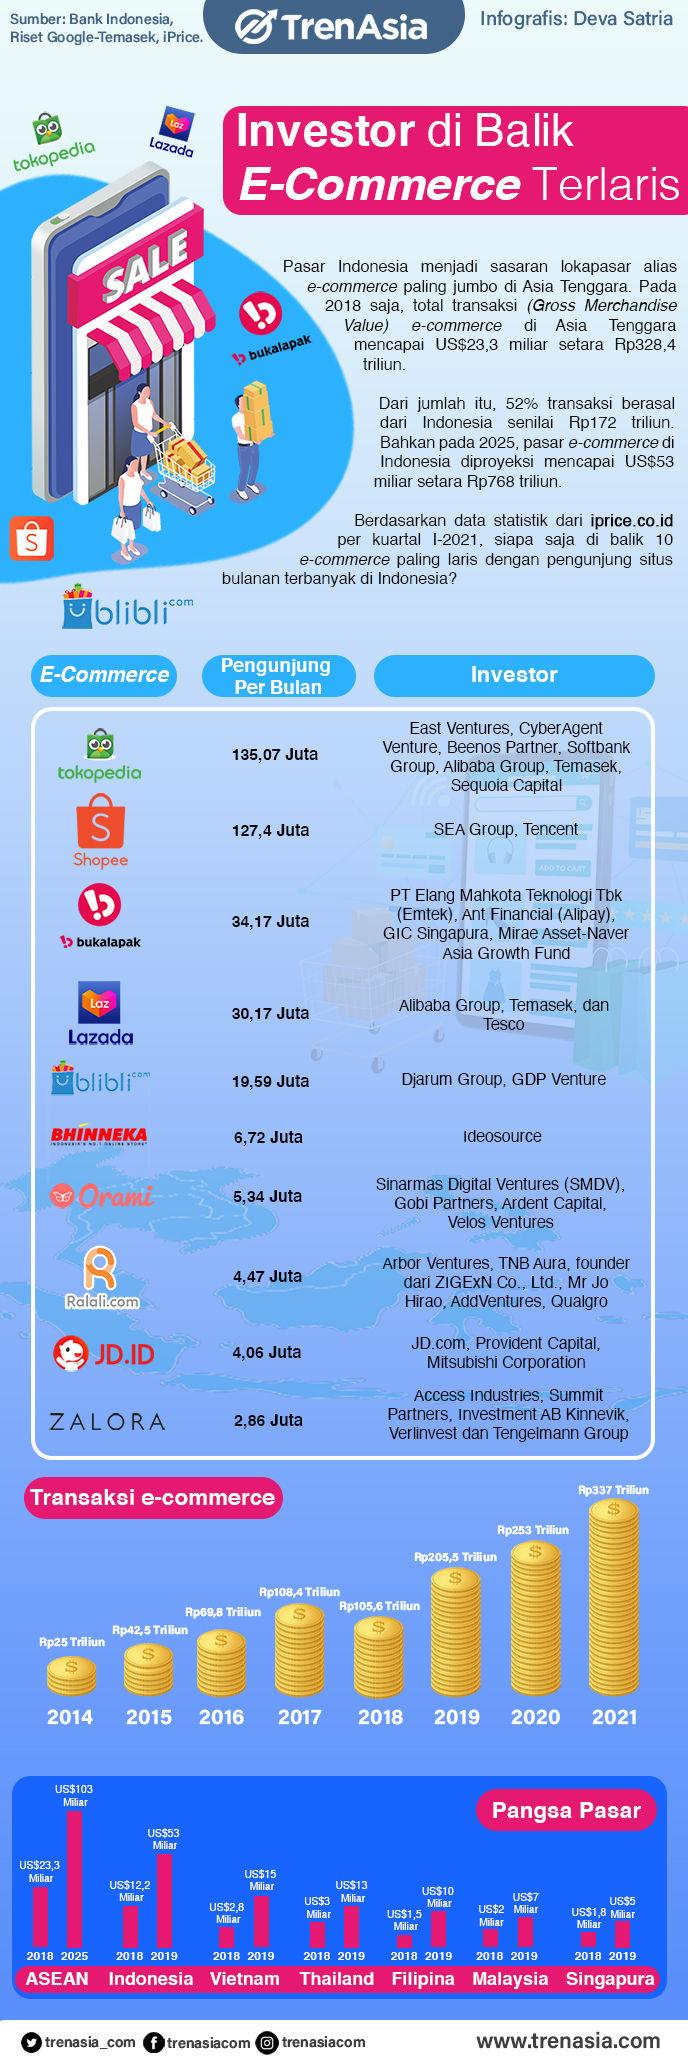 Investor di Balik E-Commerce Terlaris (1).jpg